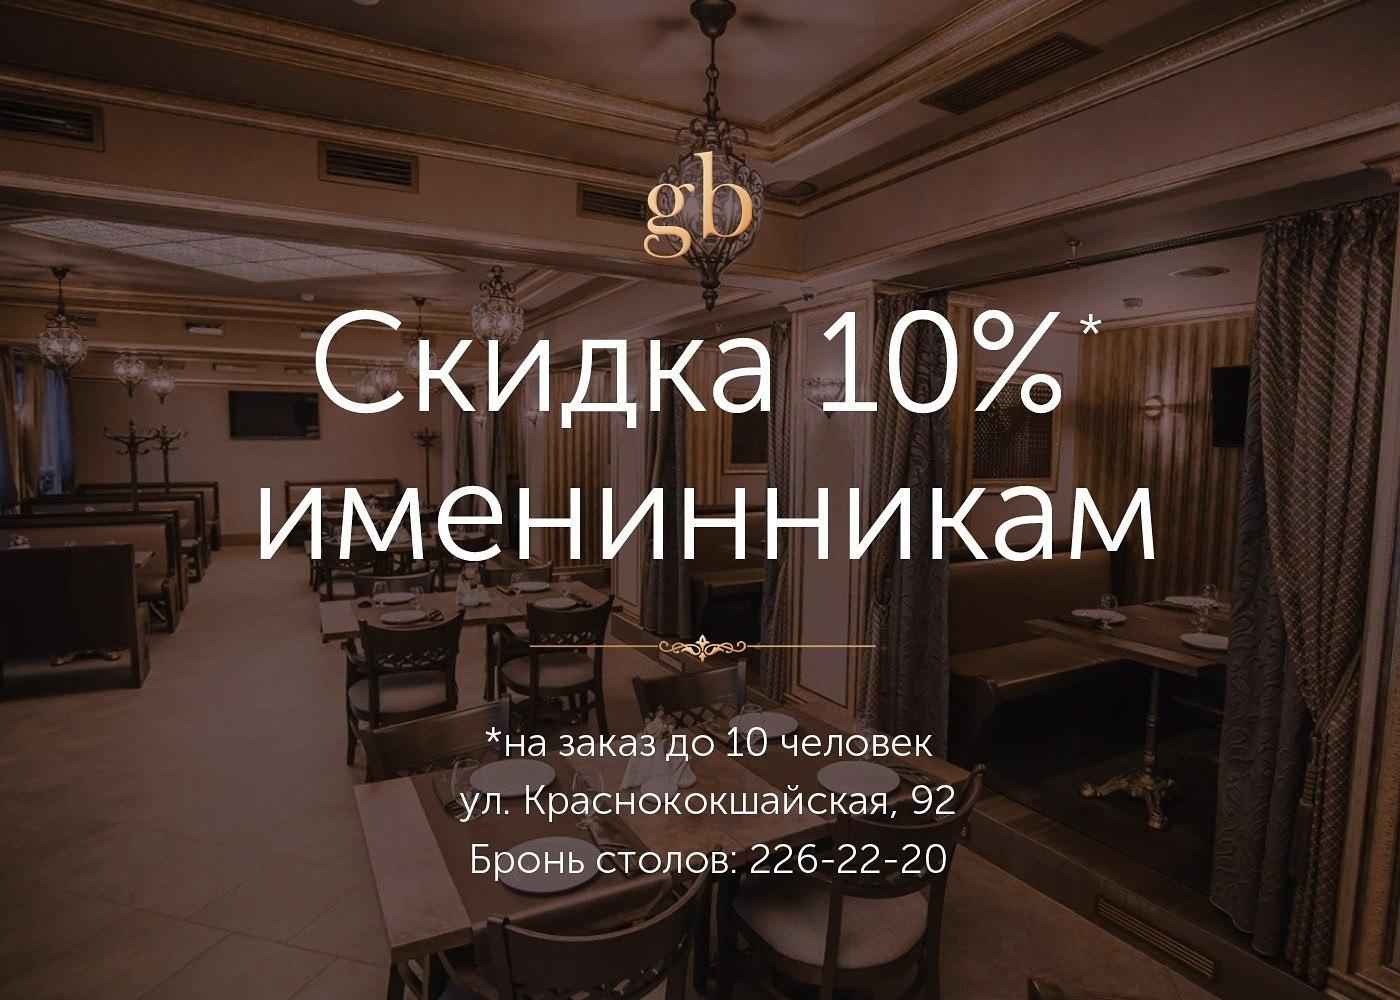 Кафе «Золотая ягода» - Вконтакте